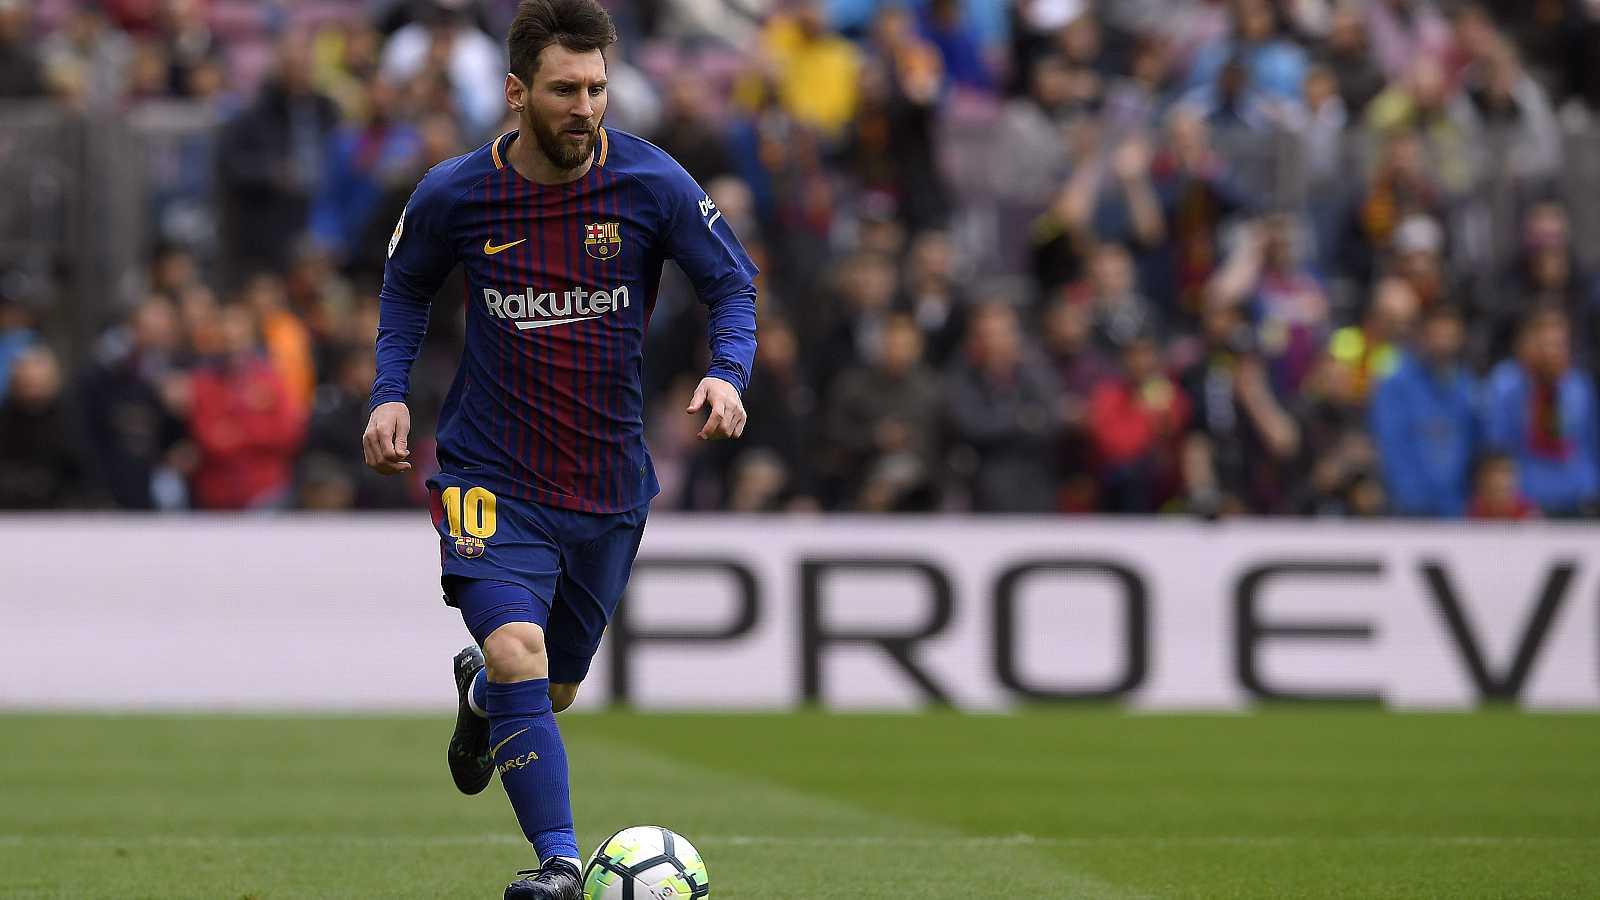 Los goles de Messi han dado mucho al Barça, especialmente en las finales, donde el argentino brilla con luz propia. En la final de Copa de este sábado contra el Sevilla todos los focos le apuntarán de nuevo.